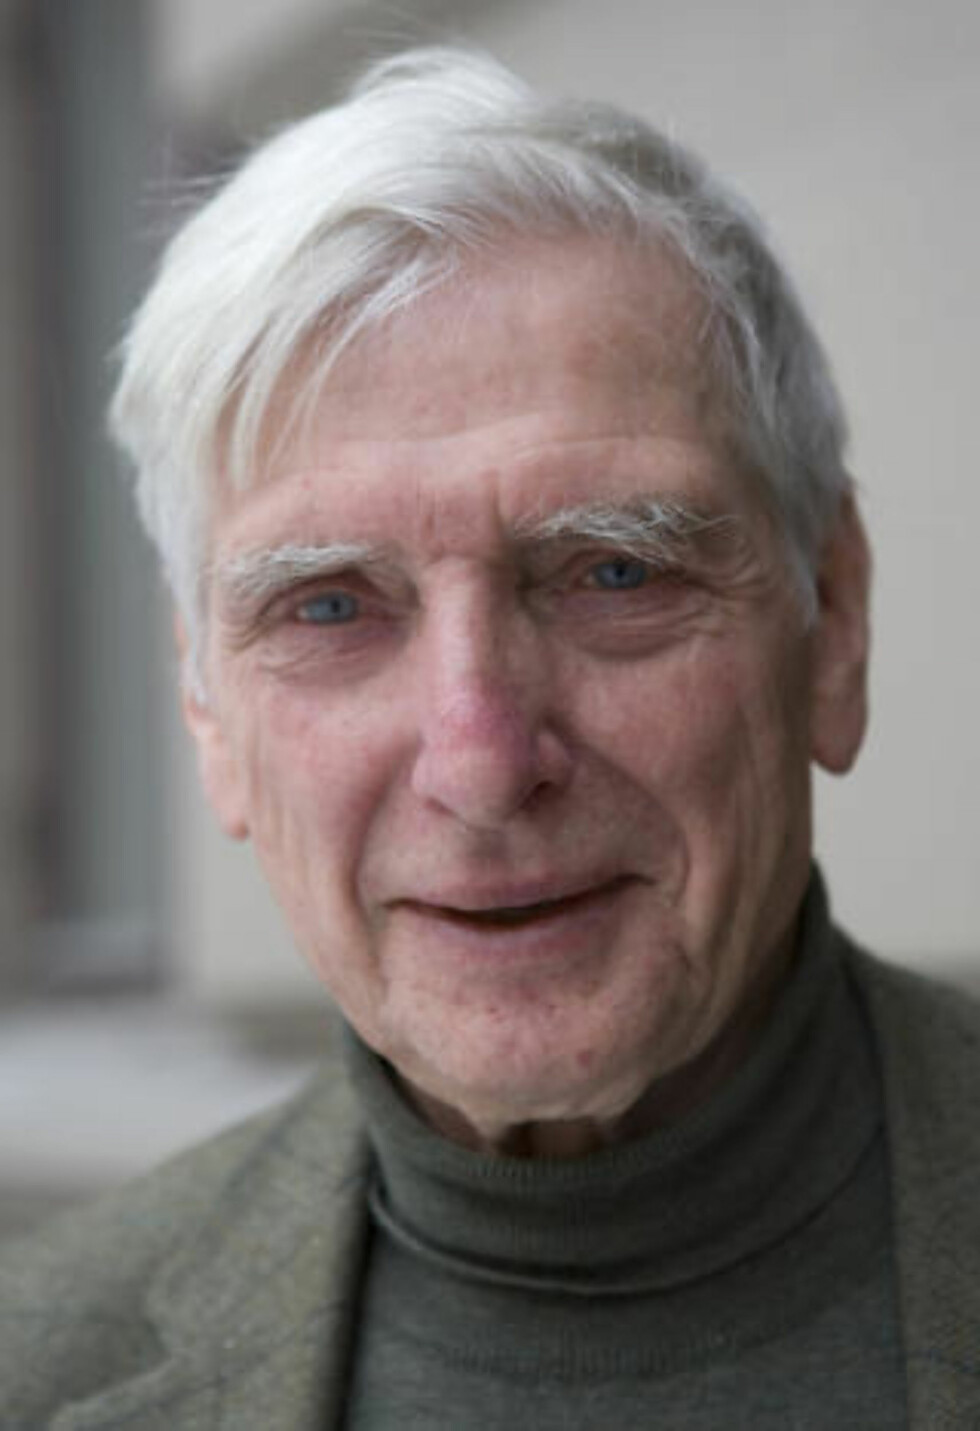 HJERNEVASK-DEBATTEN: Ottar Brox mener Bjørn Vassnes går for langt. Foto: Bjørn Sigurdsøn / SCANPIX